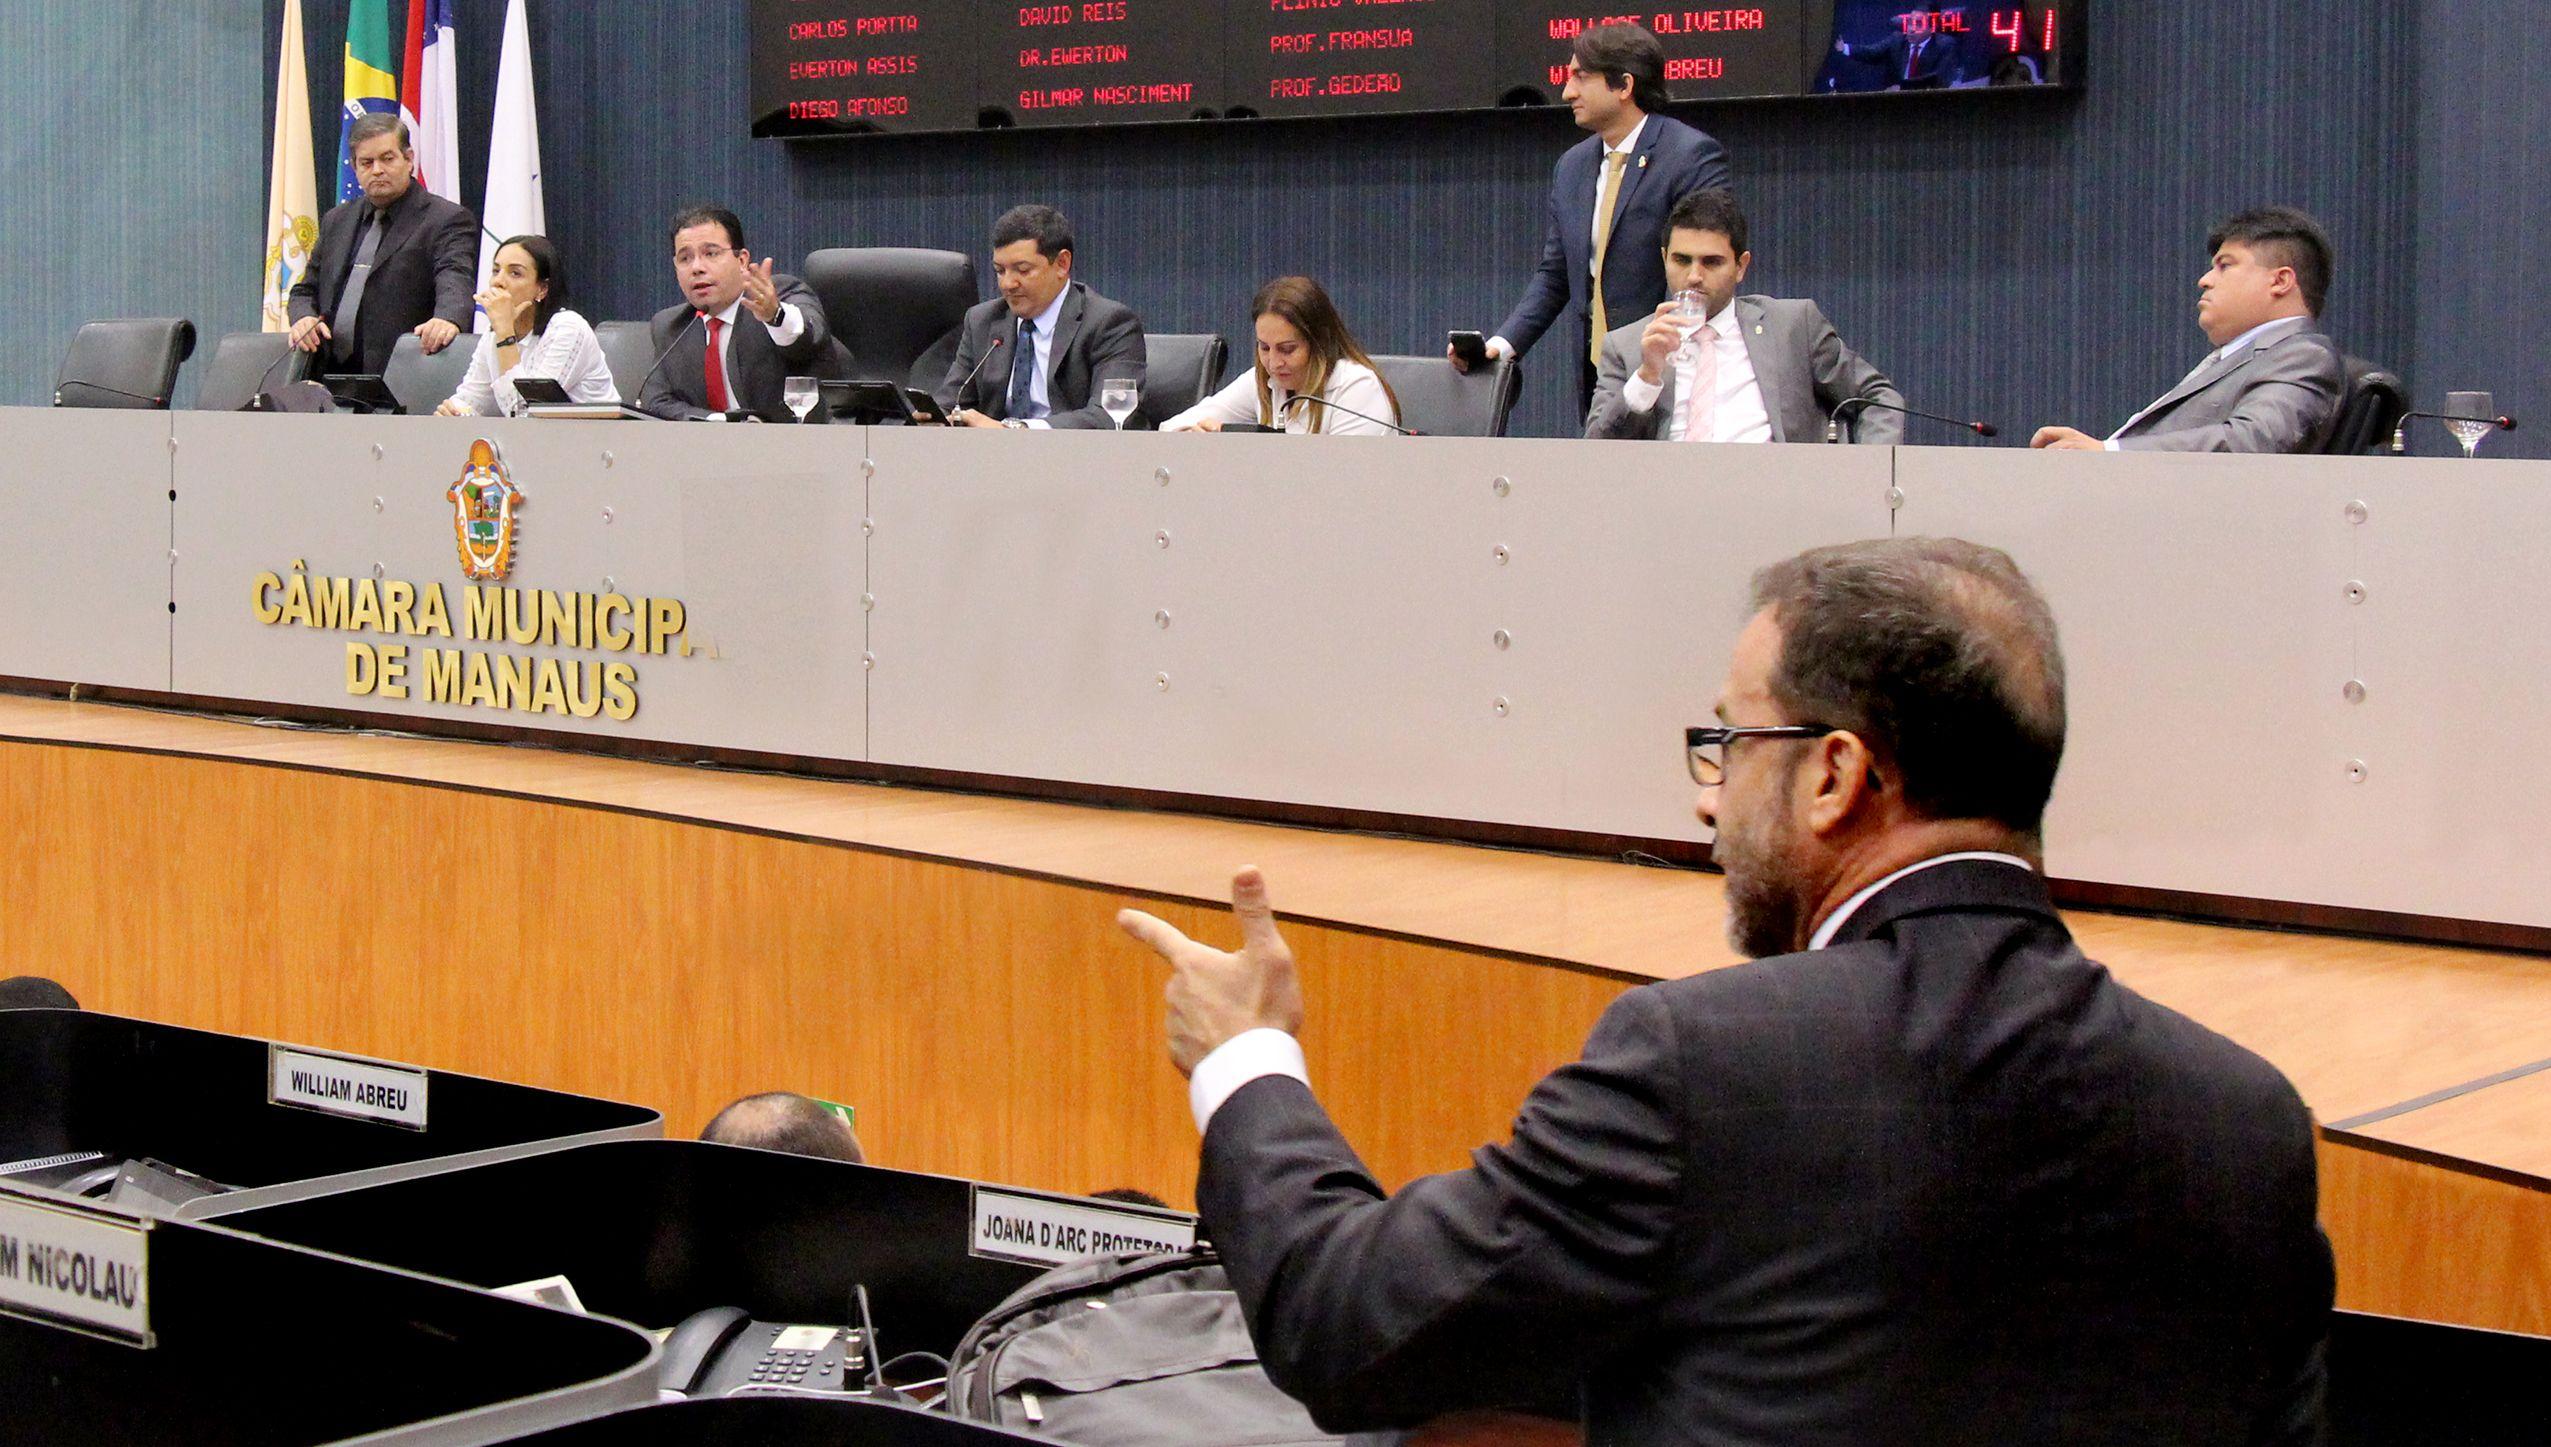 Nomeação de Arthur Bisneto causou estranheza  / Robervaldo Rocha/CMM